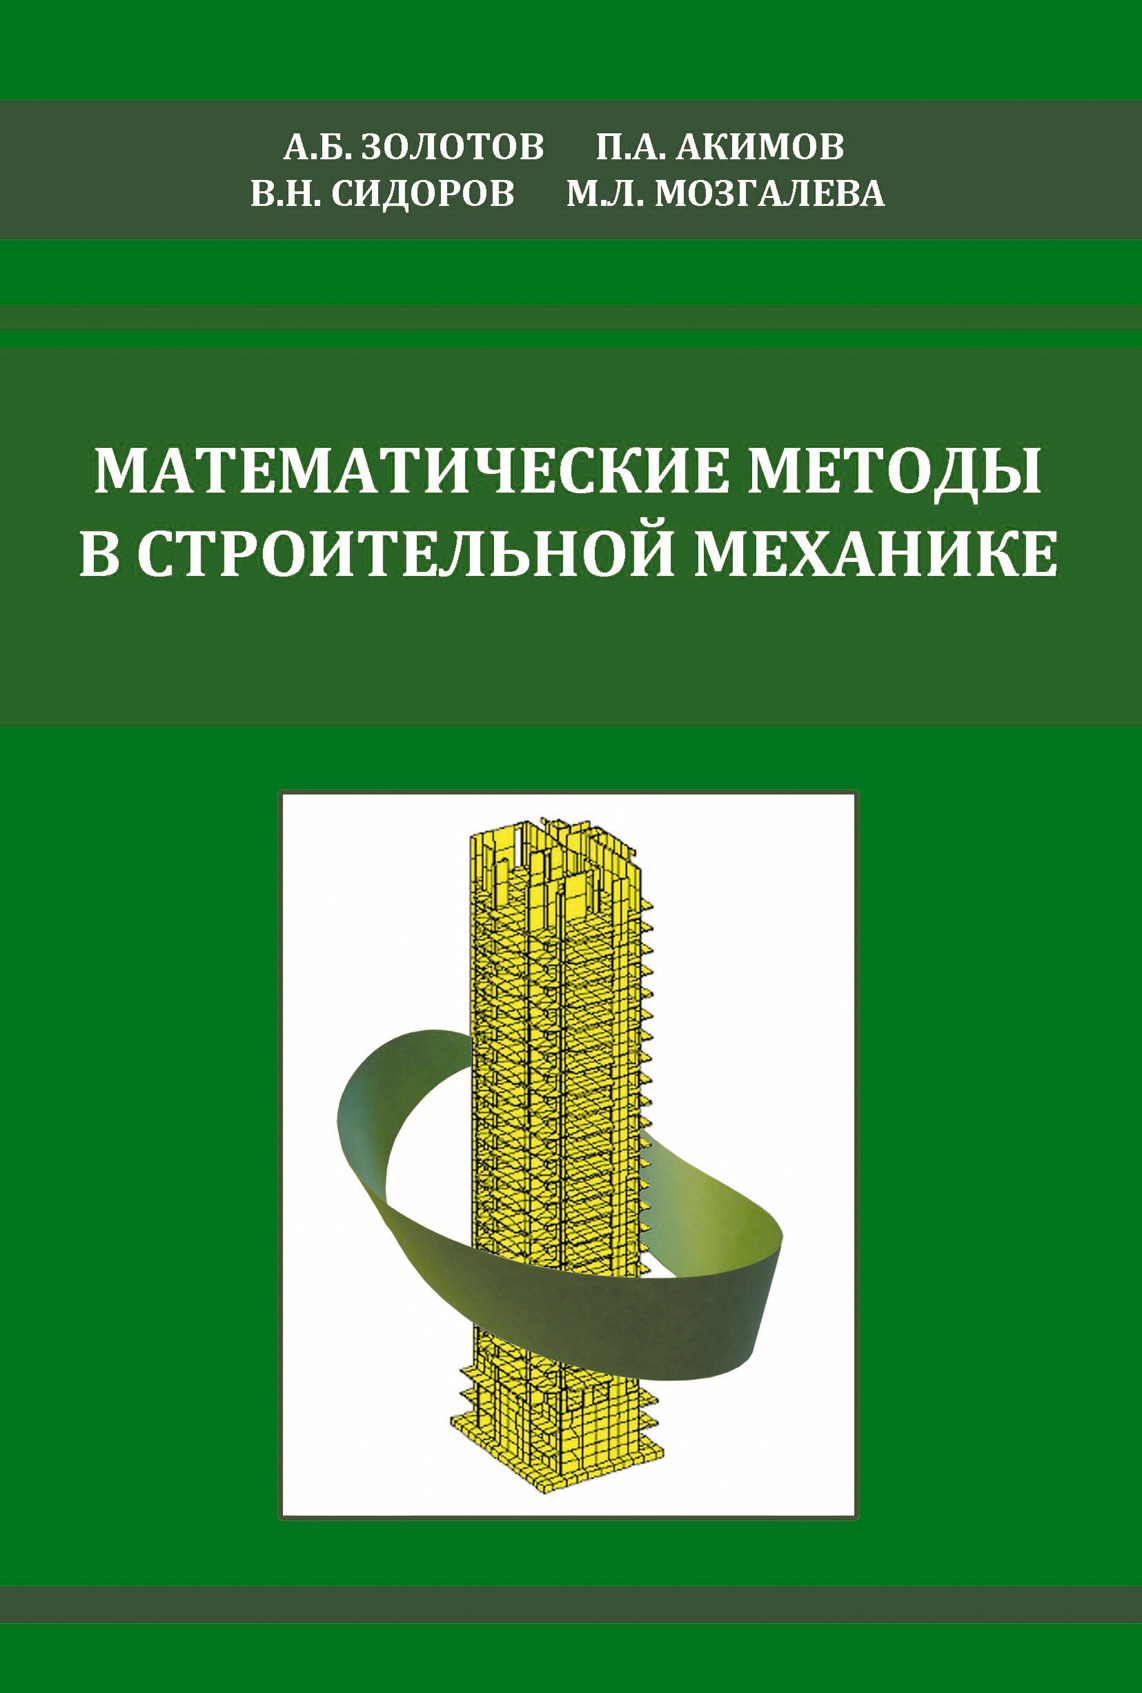 В. Н. Сидоров Математические методы в строительной механике (с основами теории обобщенных функций) а и шеин краткий курс строительной механики учебник